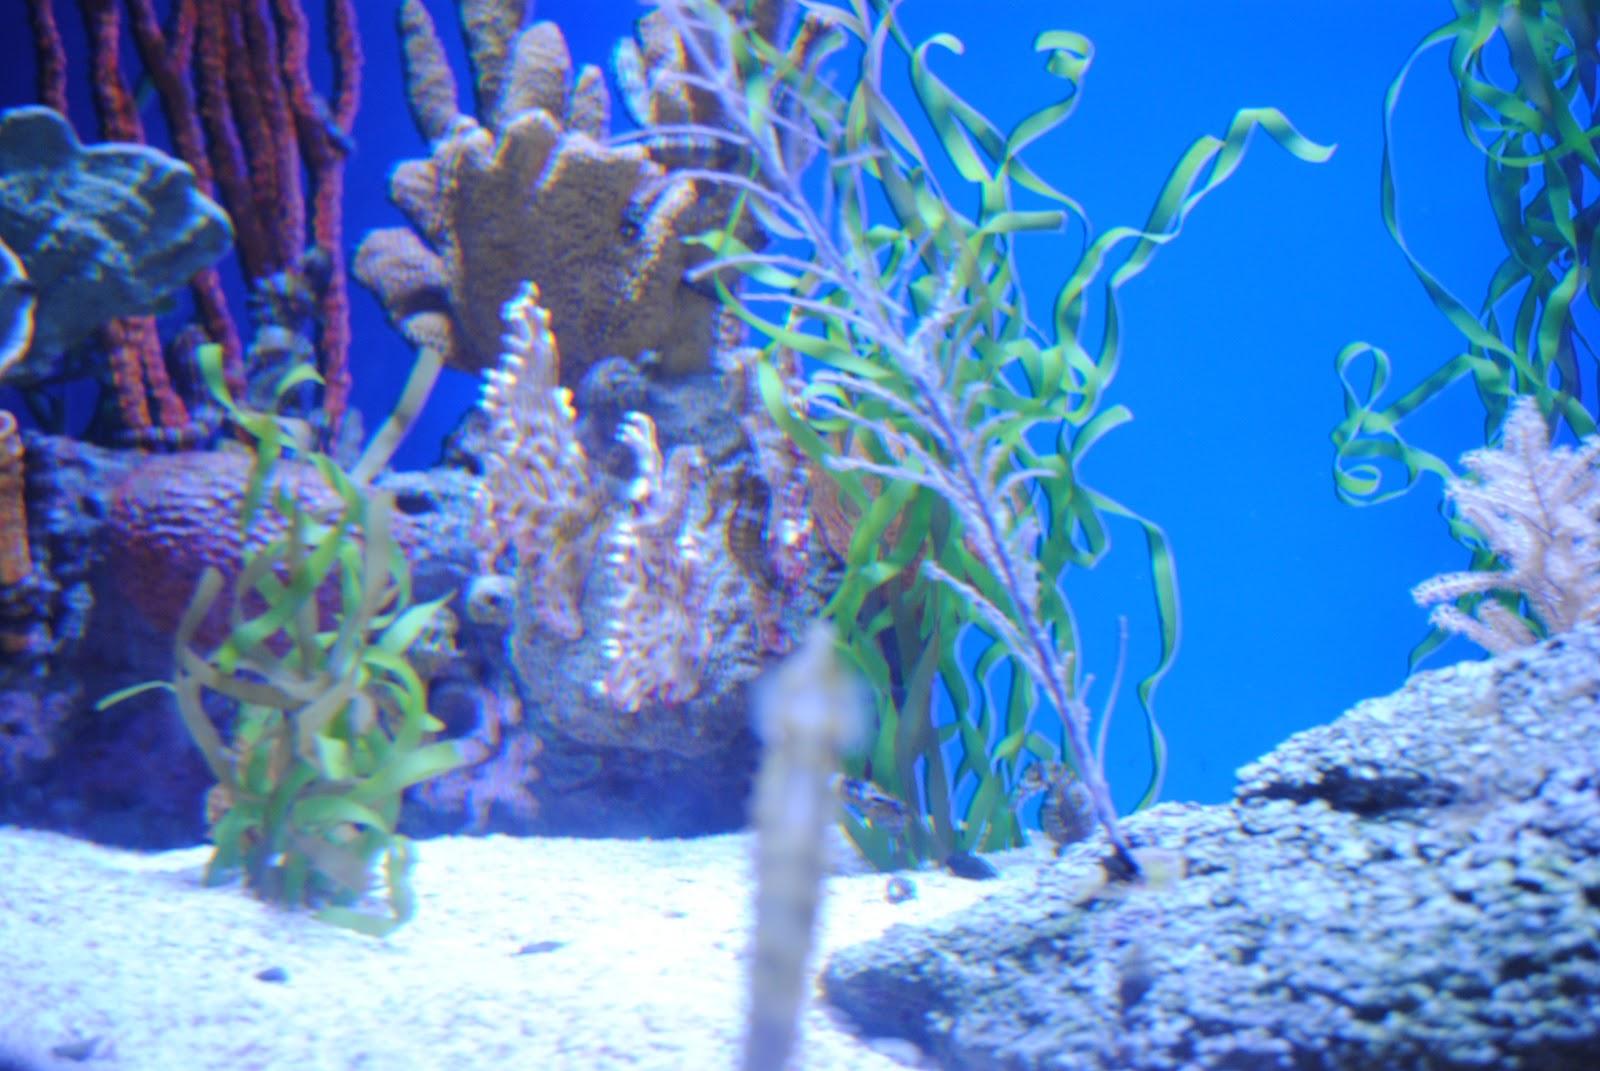 Getting Schooled Ripley 39 S Aquarium In Pictures